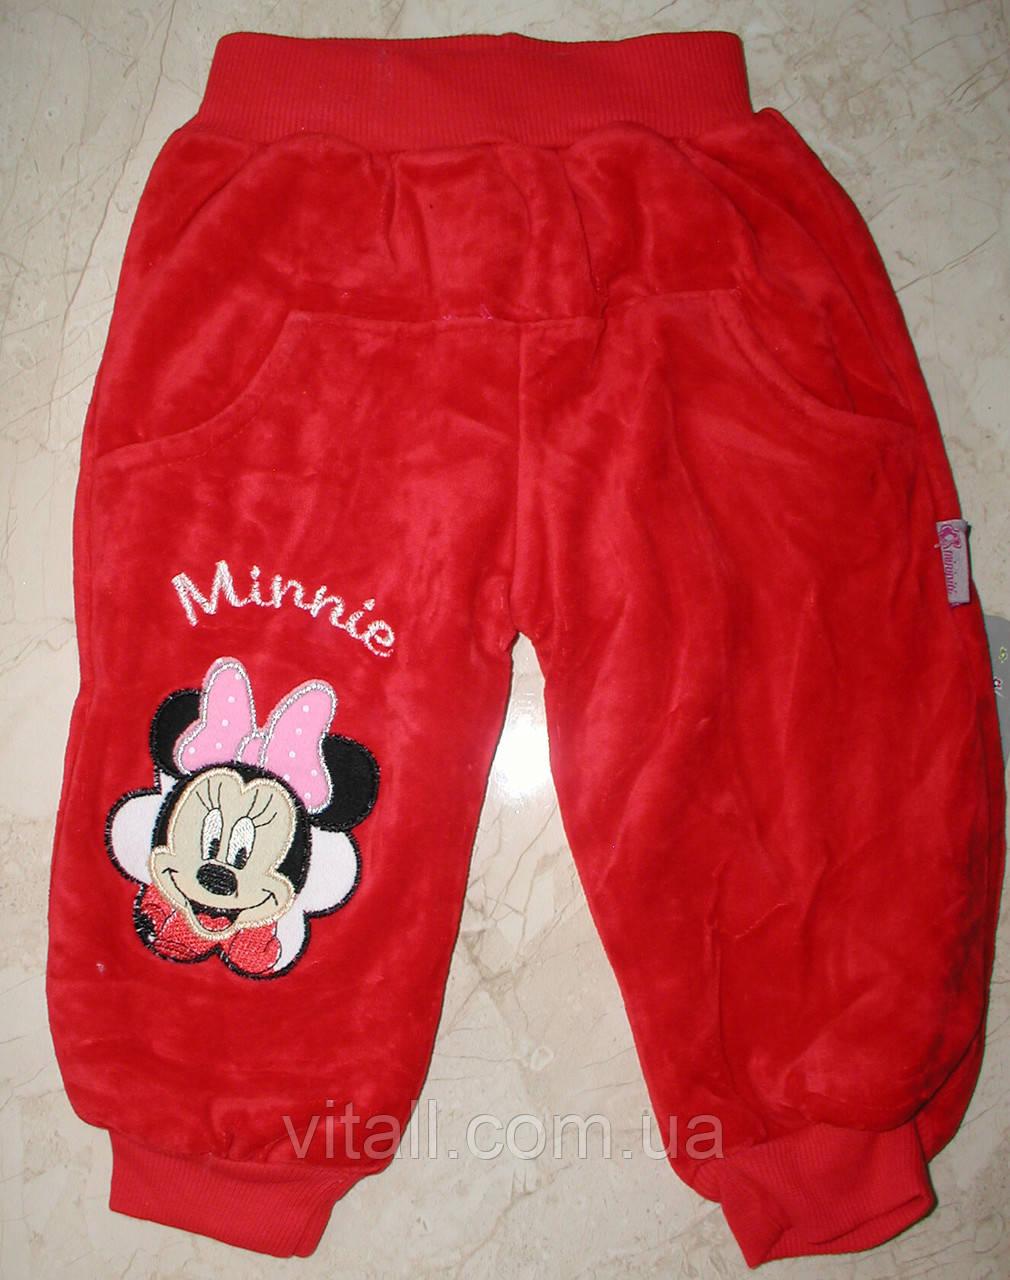 Велюровые штанишки на травке от 6 месяцев до 2лет красные